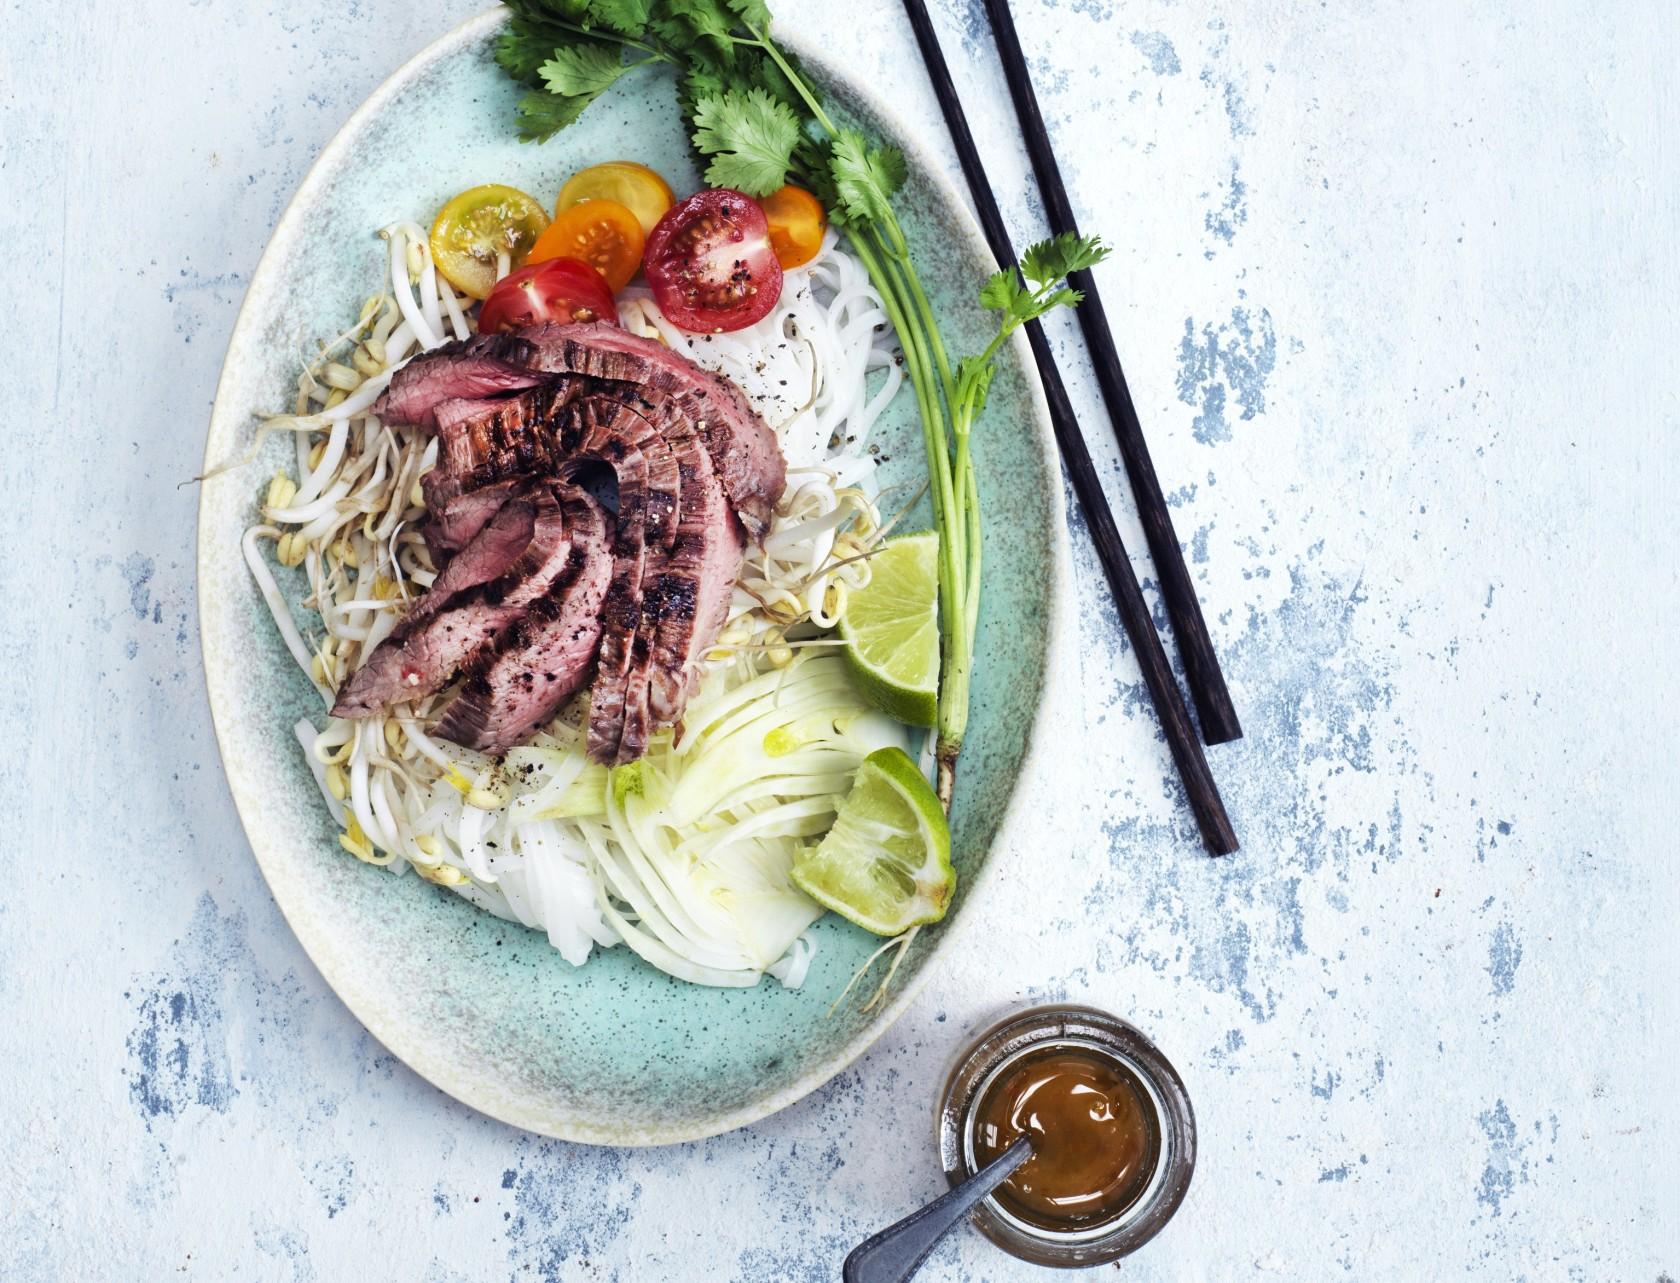 Asiatisk nudelsalat med flanksteak - nemt og lækkert!